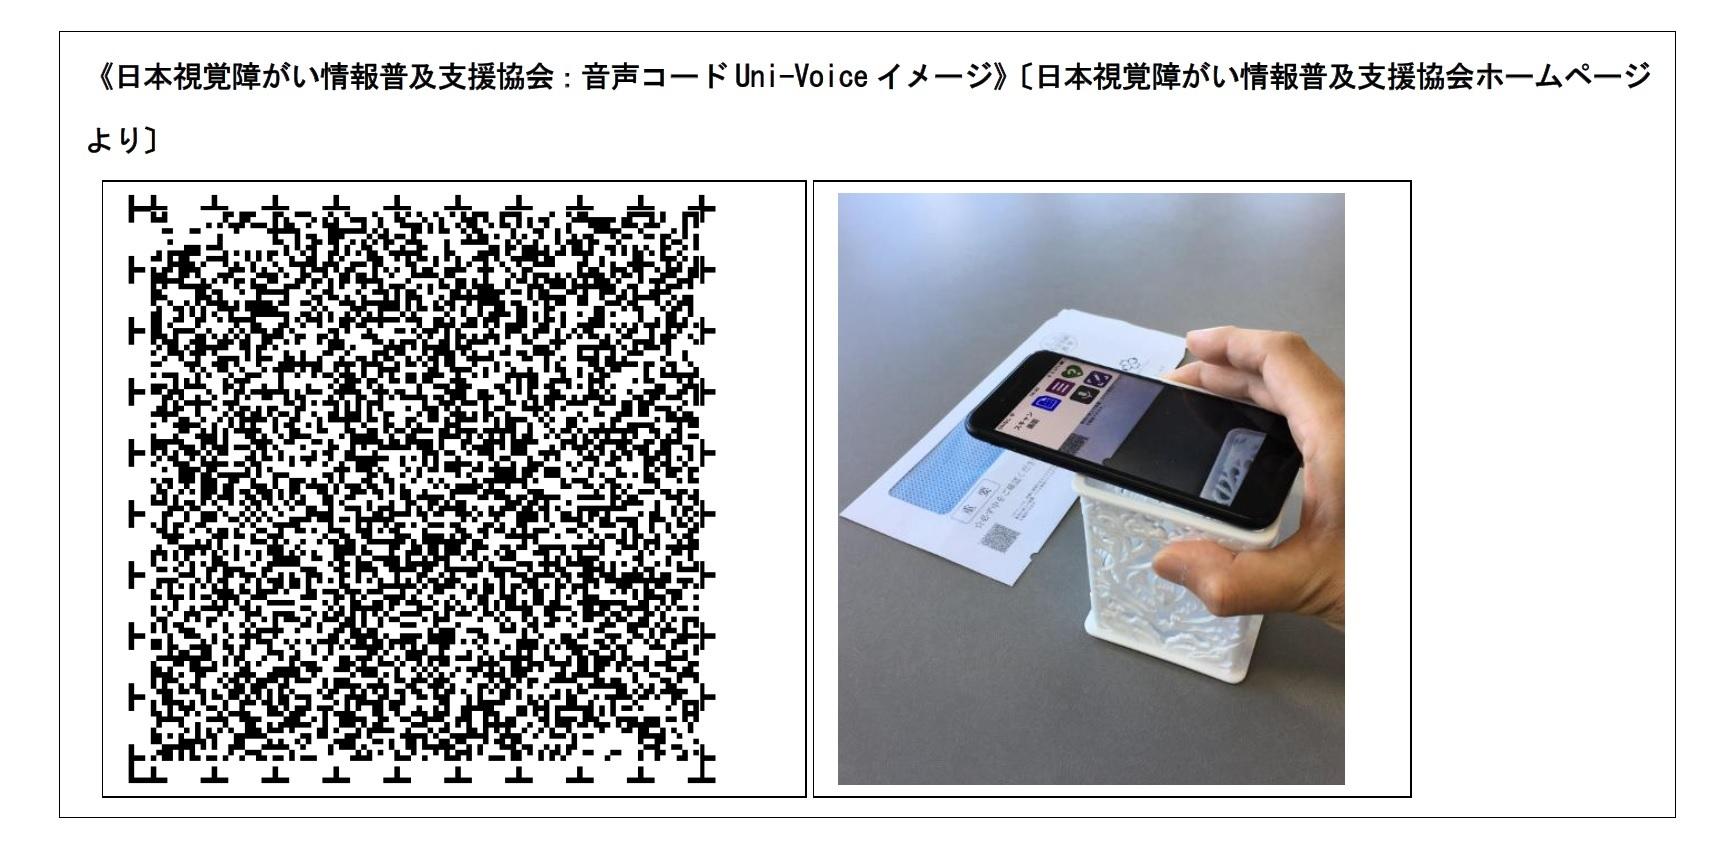 日本視覚障がい情報普及支援協会:音声コードUni-Voice イメージ